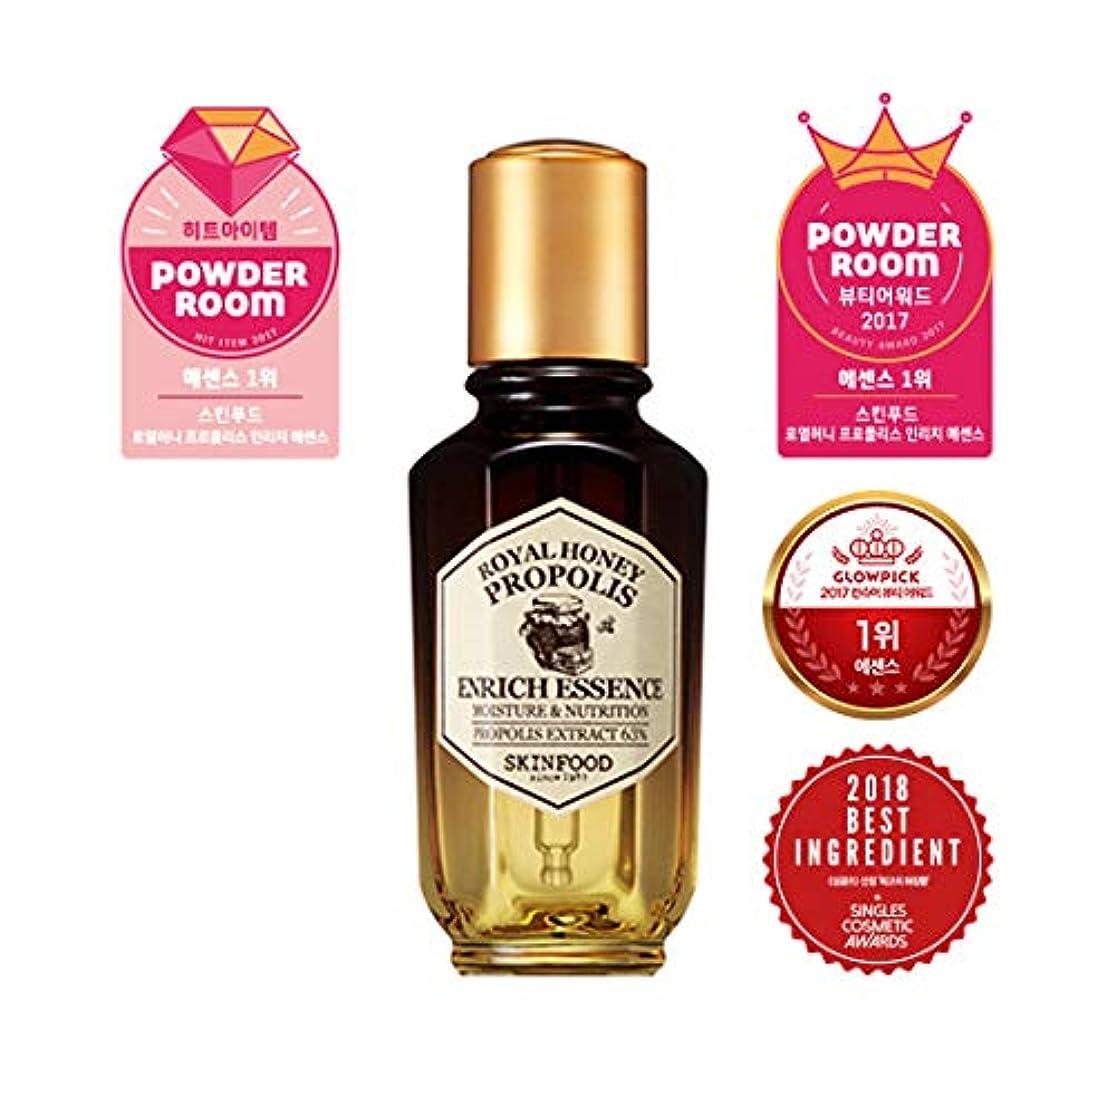 感嘆最終的に太平洋諸島Skinfood ロイヤルハニープロポリスエンリッチエッセンス/Royal Honey Propolis Enrich Essence 50ml [並行輸入品]